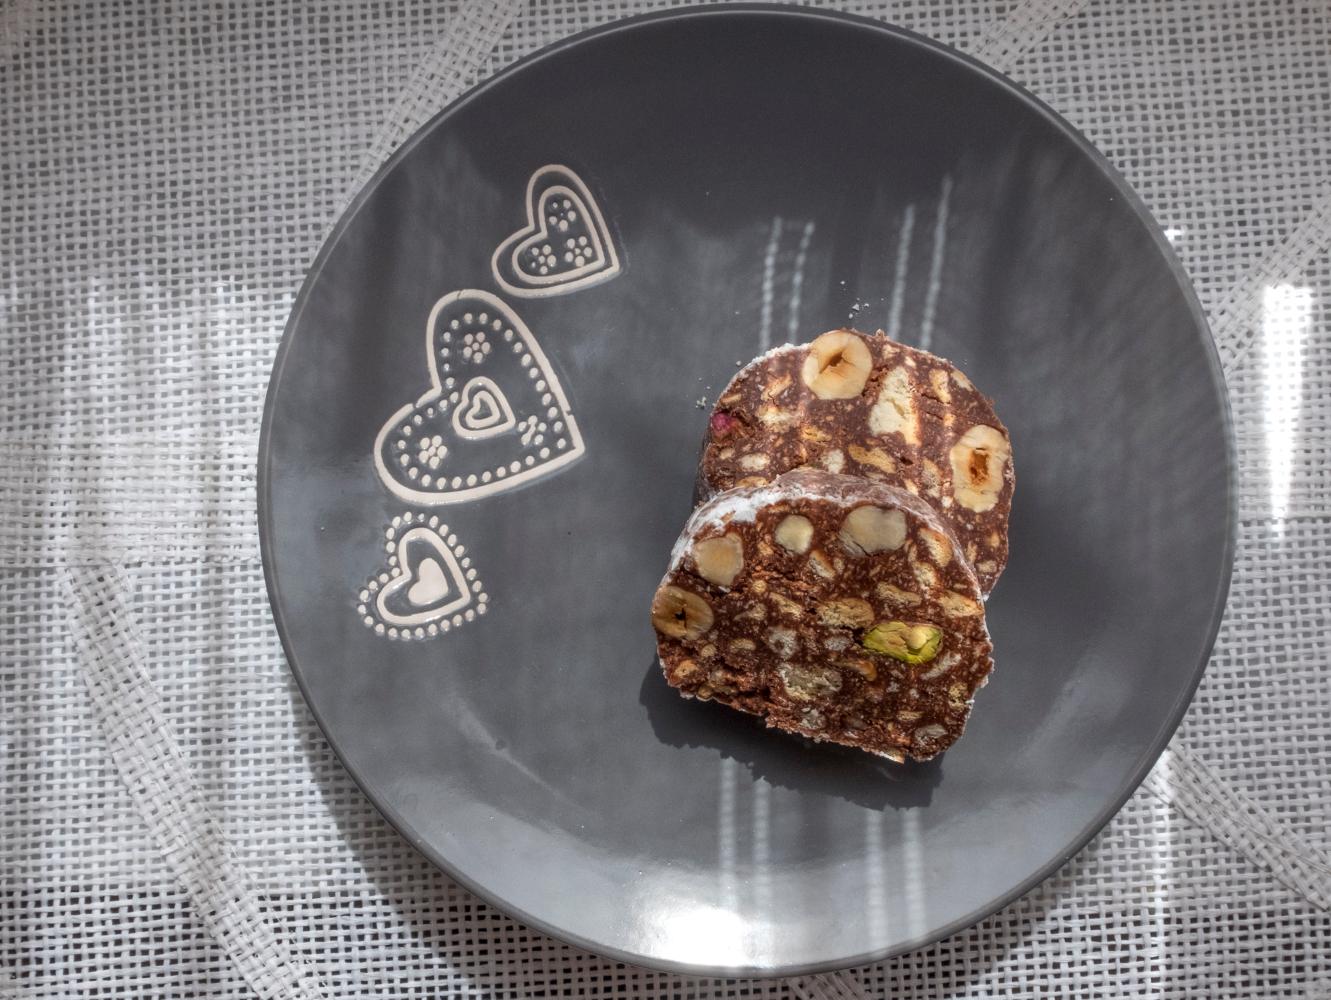 salame de chocolate saudavel receitas diversas